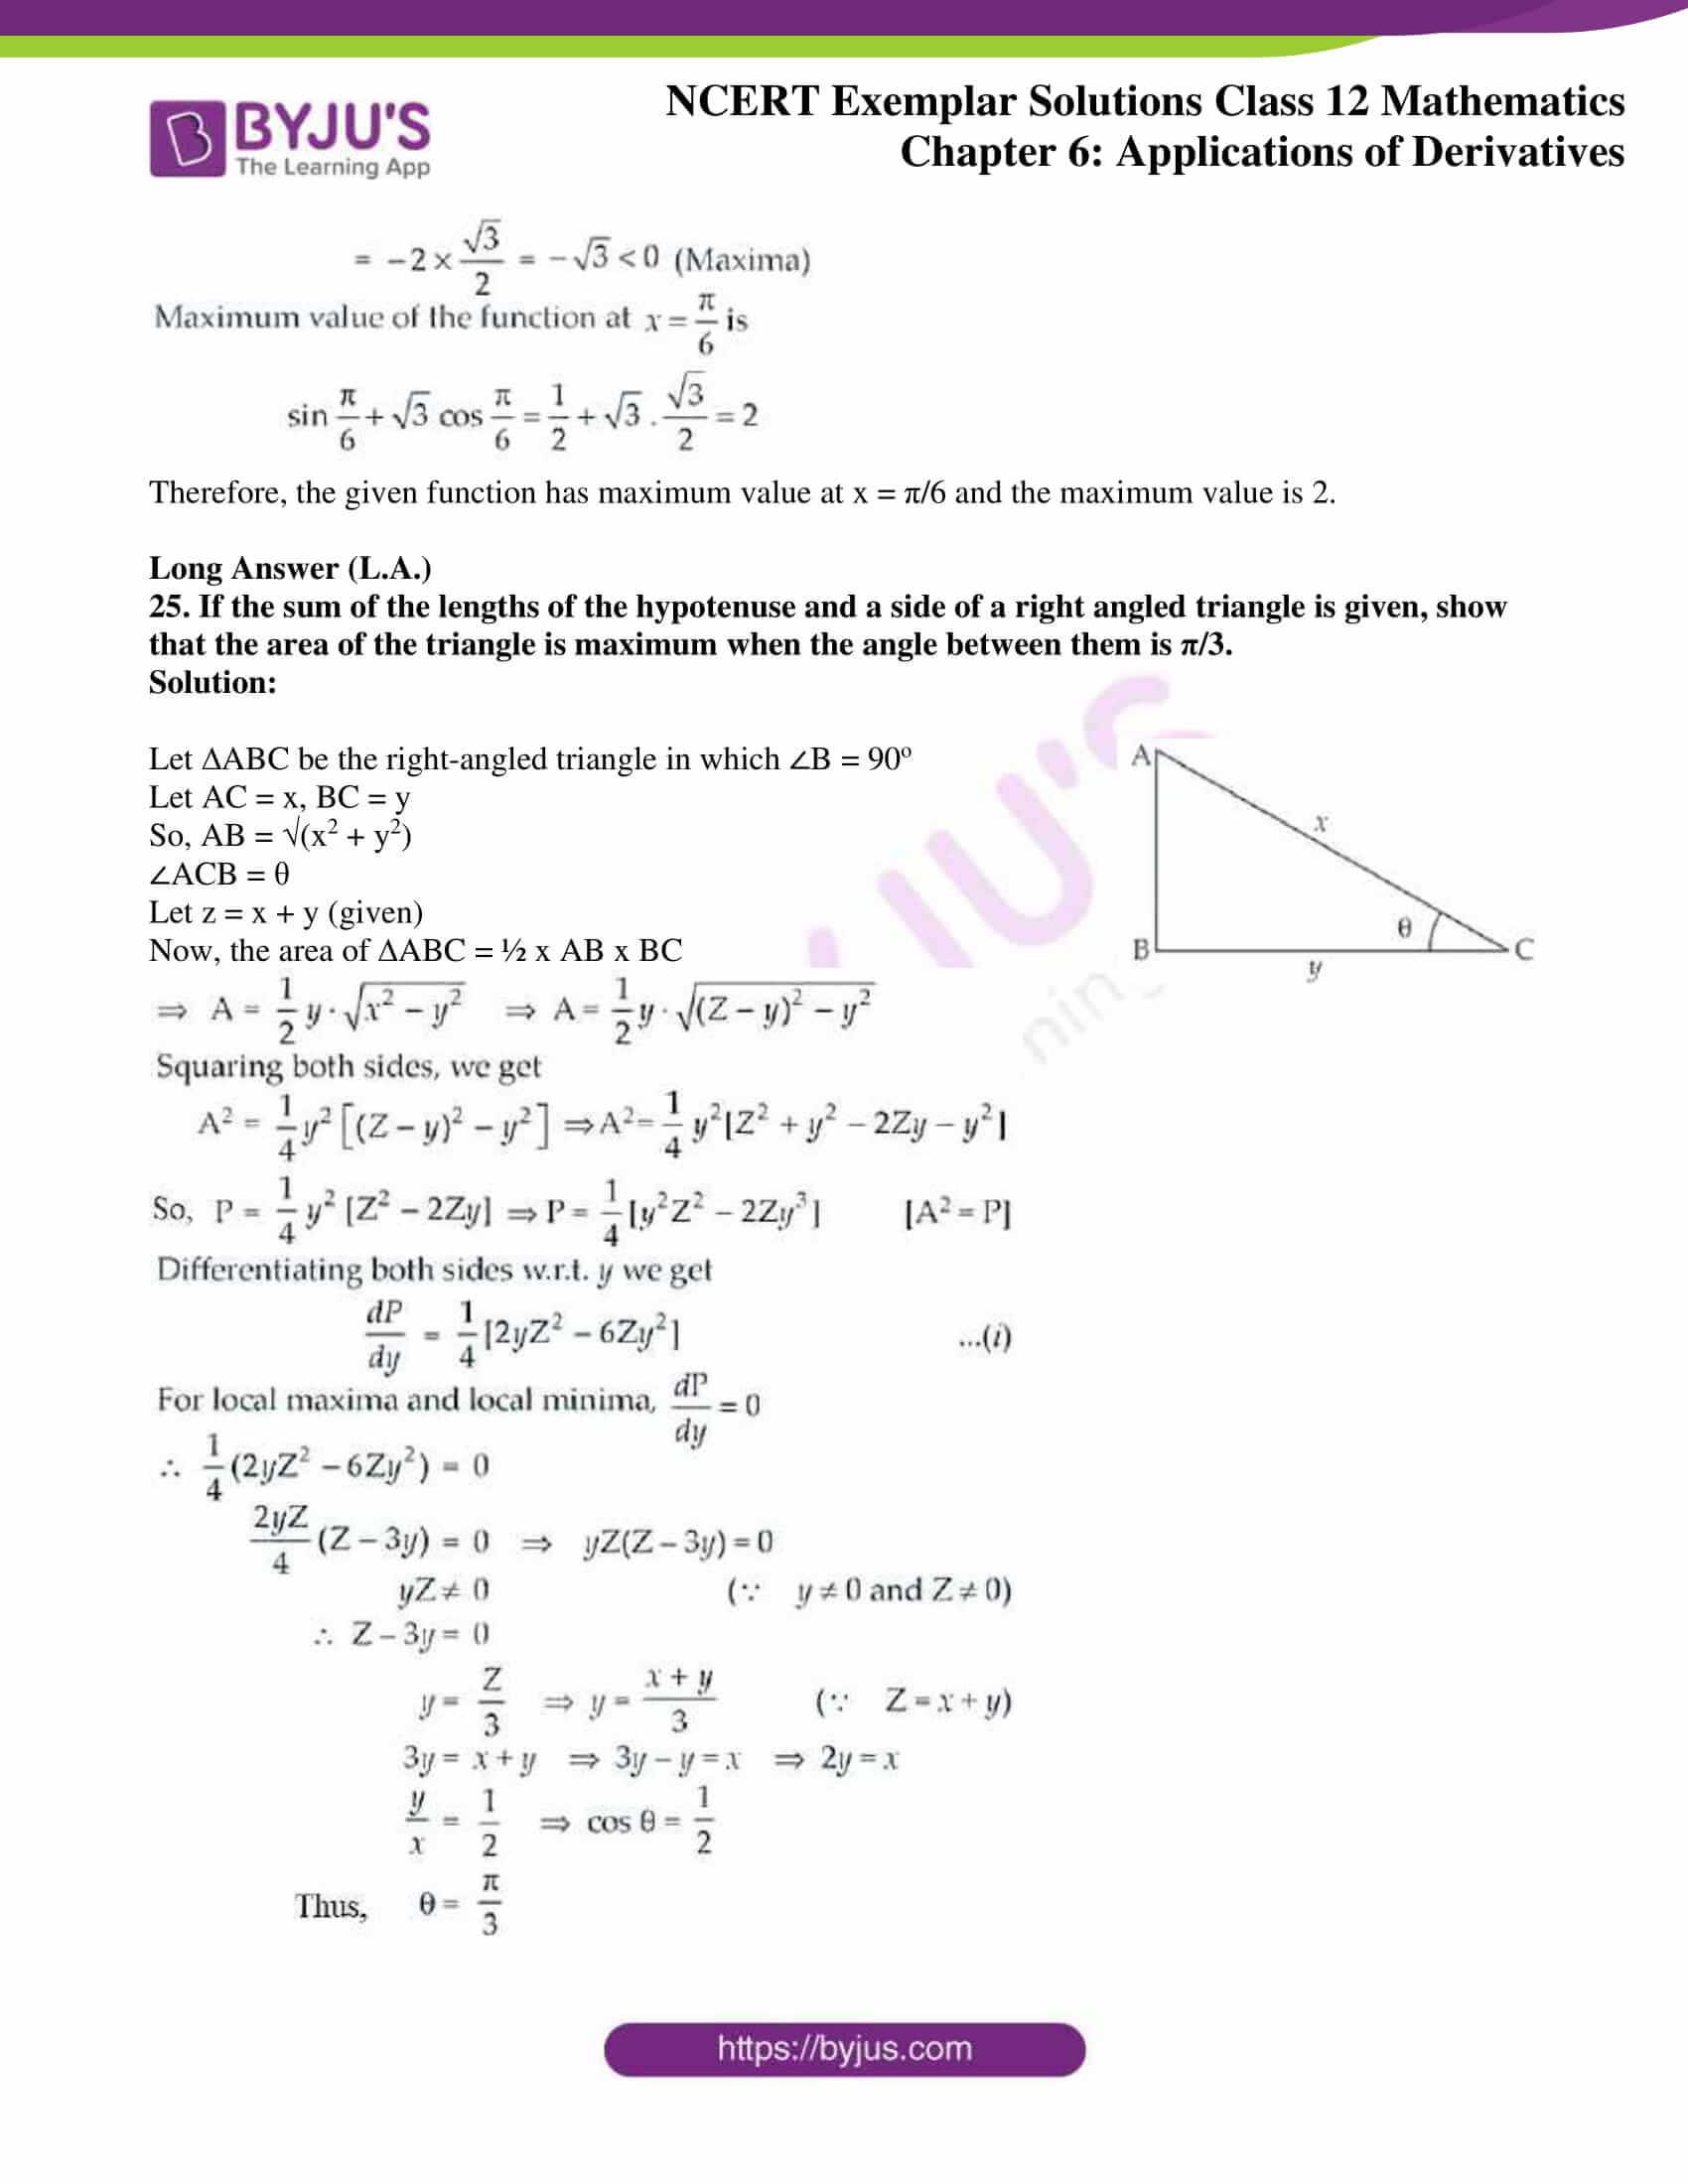 ncert exemplar sol class 12 math ch6 14